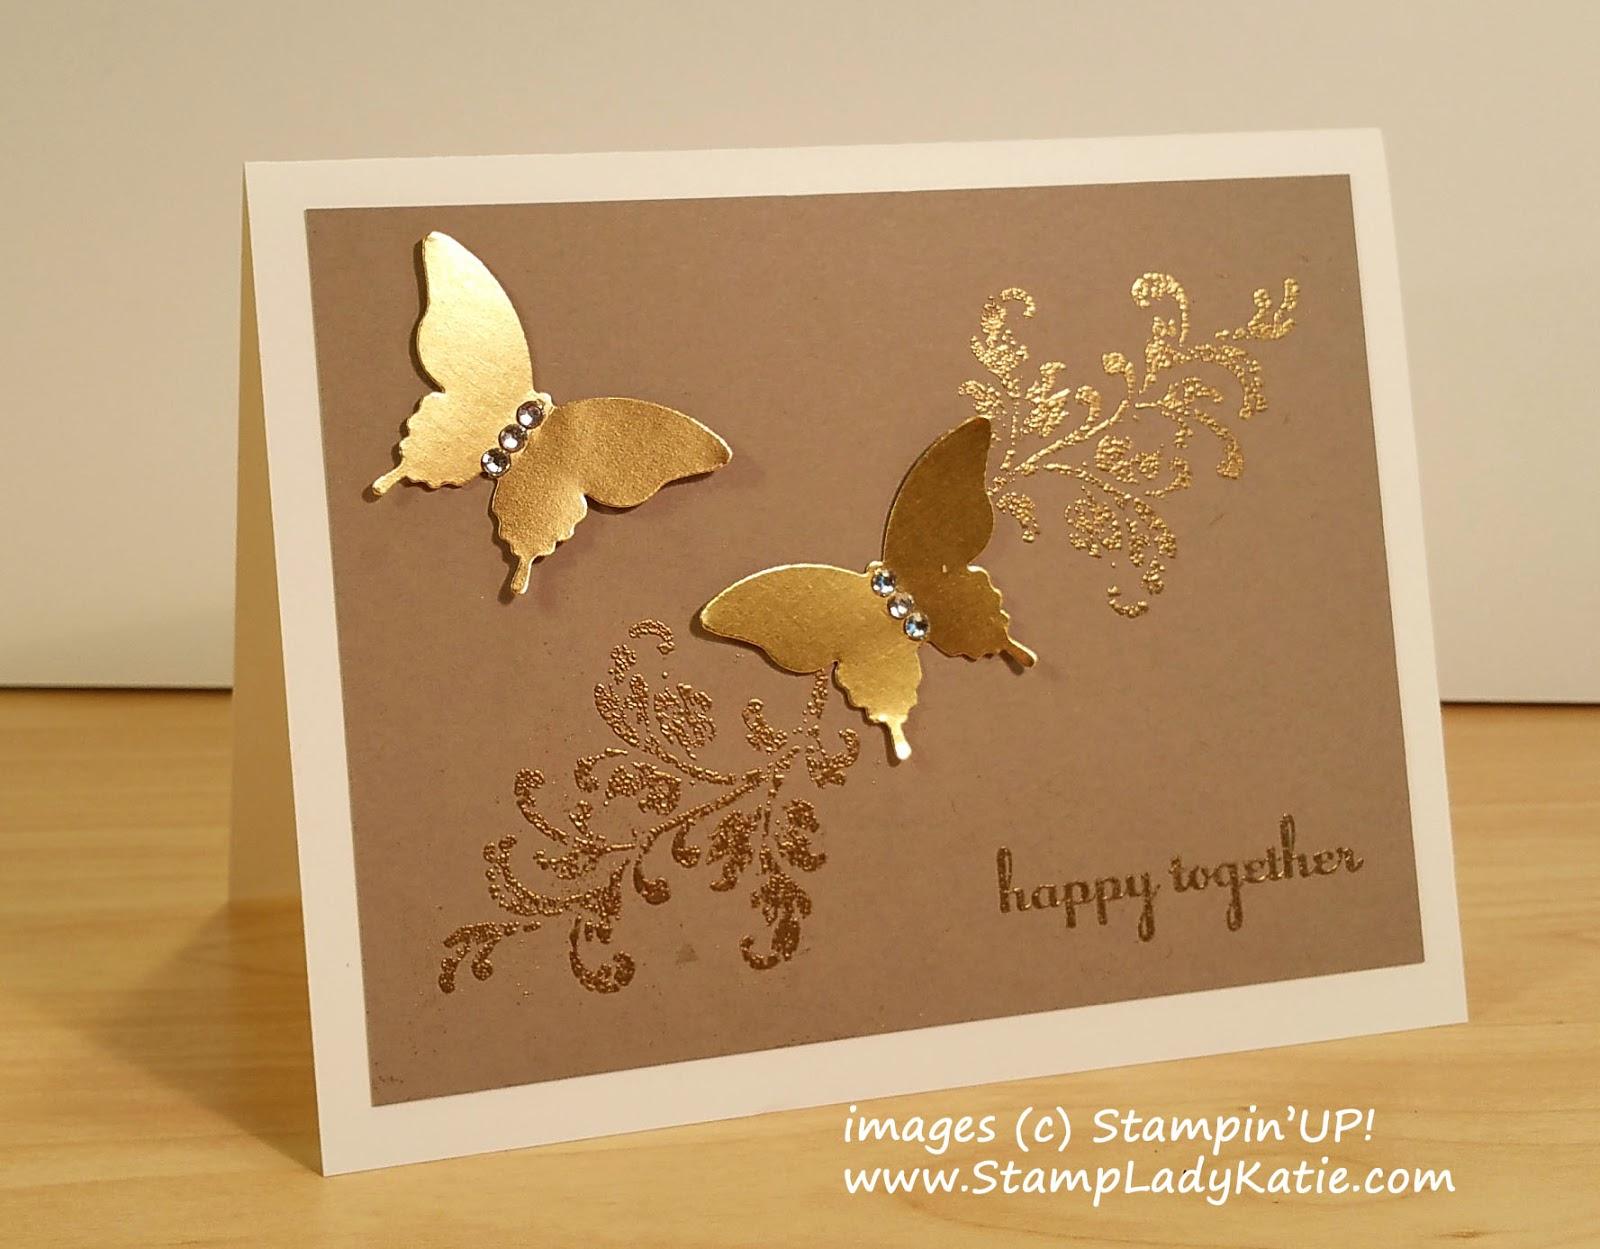 Stampladykatie gold foil butterflies for a golden